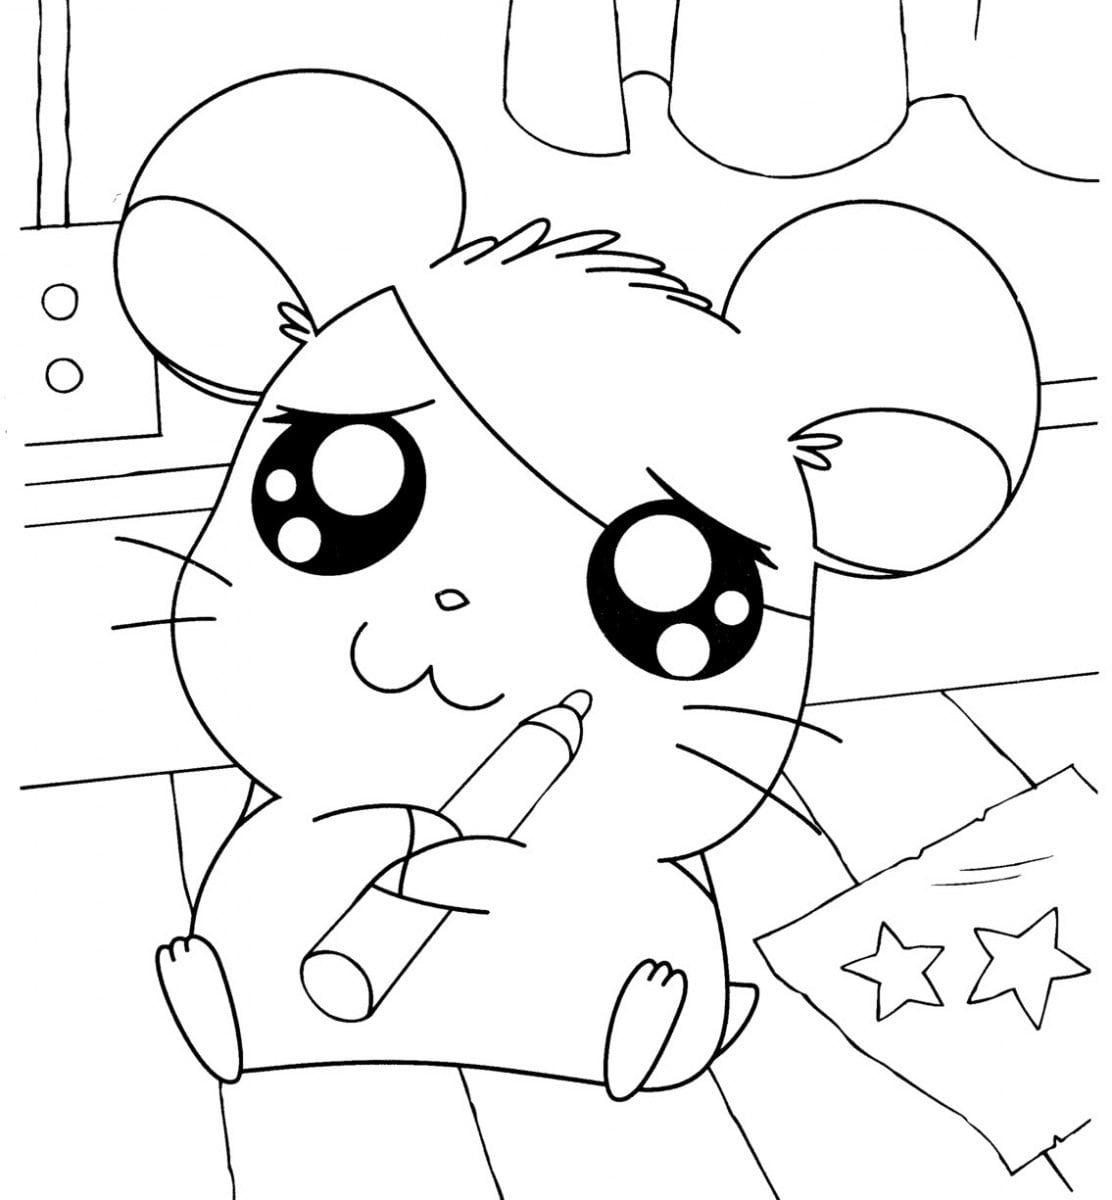 Paginas Para Colorear De Anime Y Dibujos Pintar La Pagina